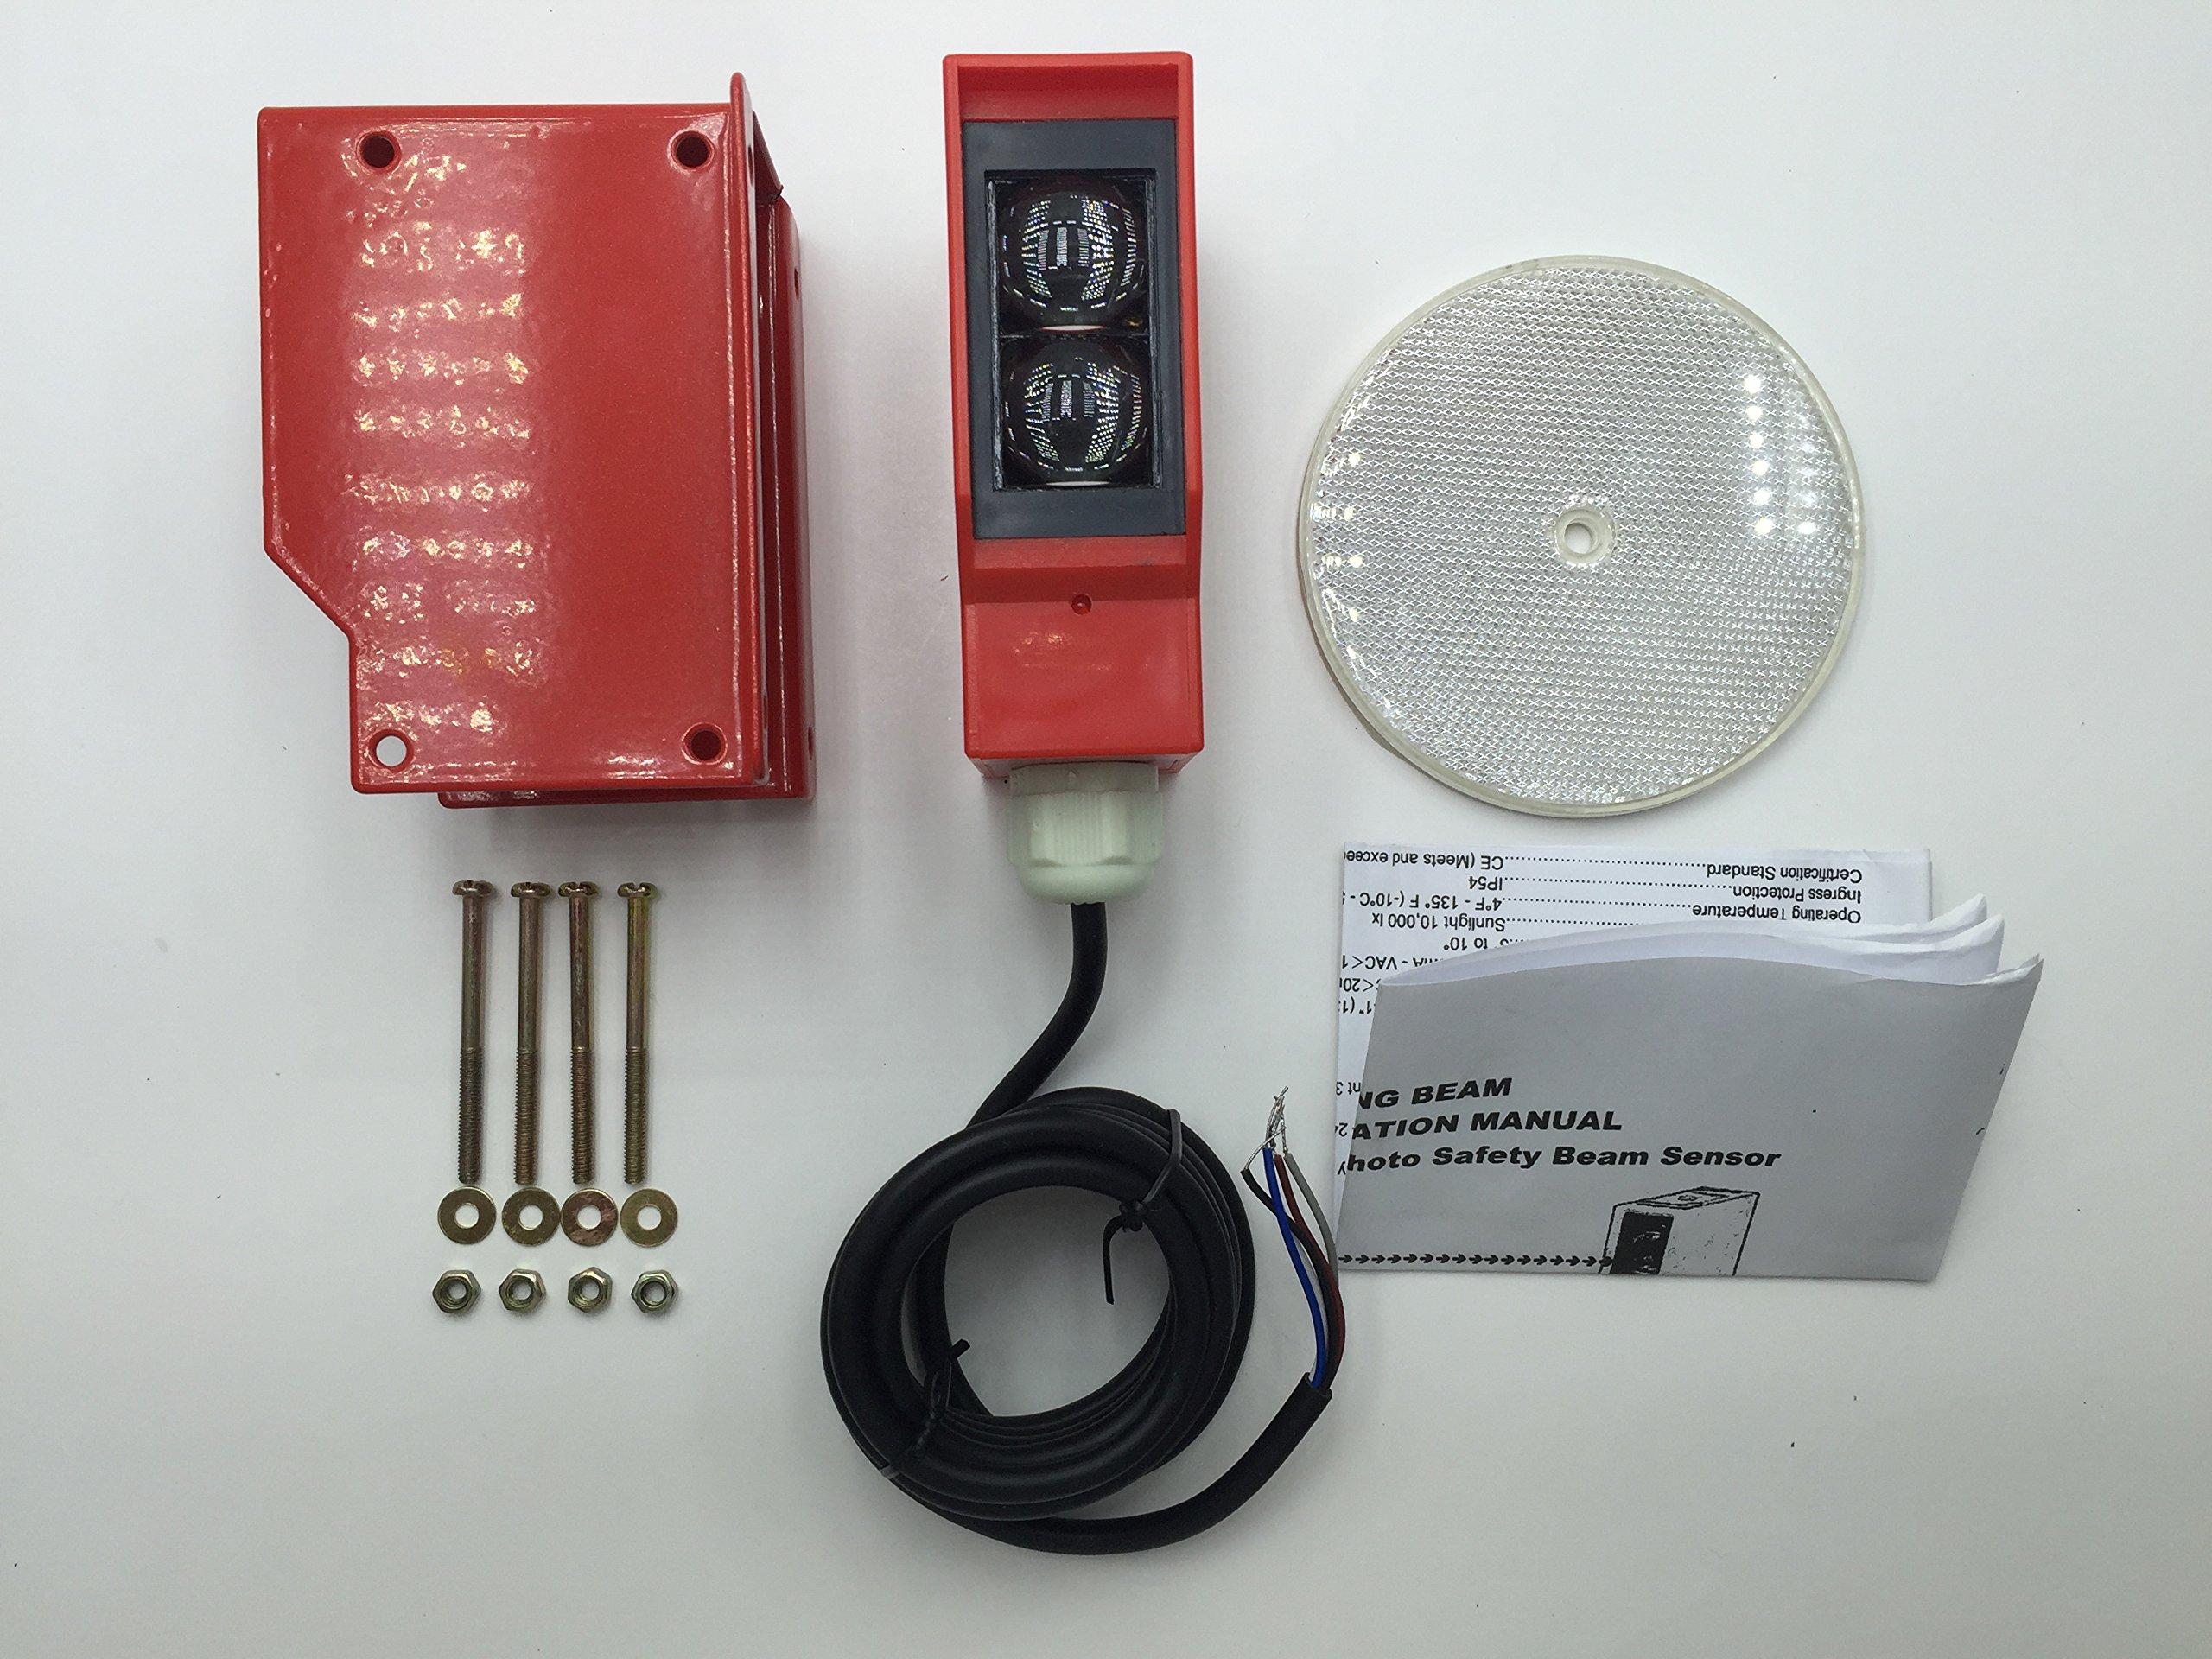 AMAZING BEAM Photo Safety Beam (2), Beam Sensor, Beam Detector, Photo Beam, Photo Switch, Garage Door Sensor, UNIVERSAL by S (Image #3)